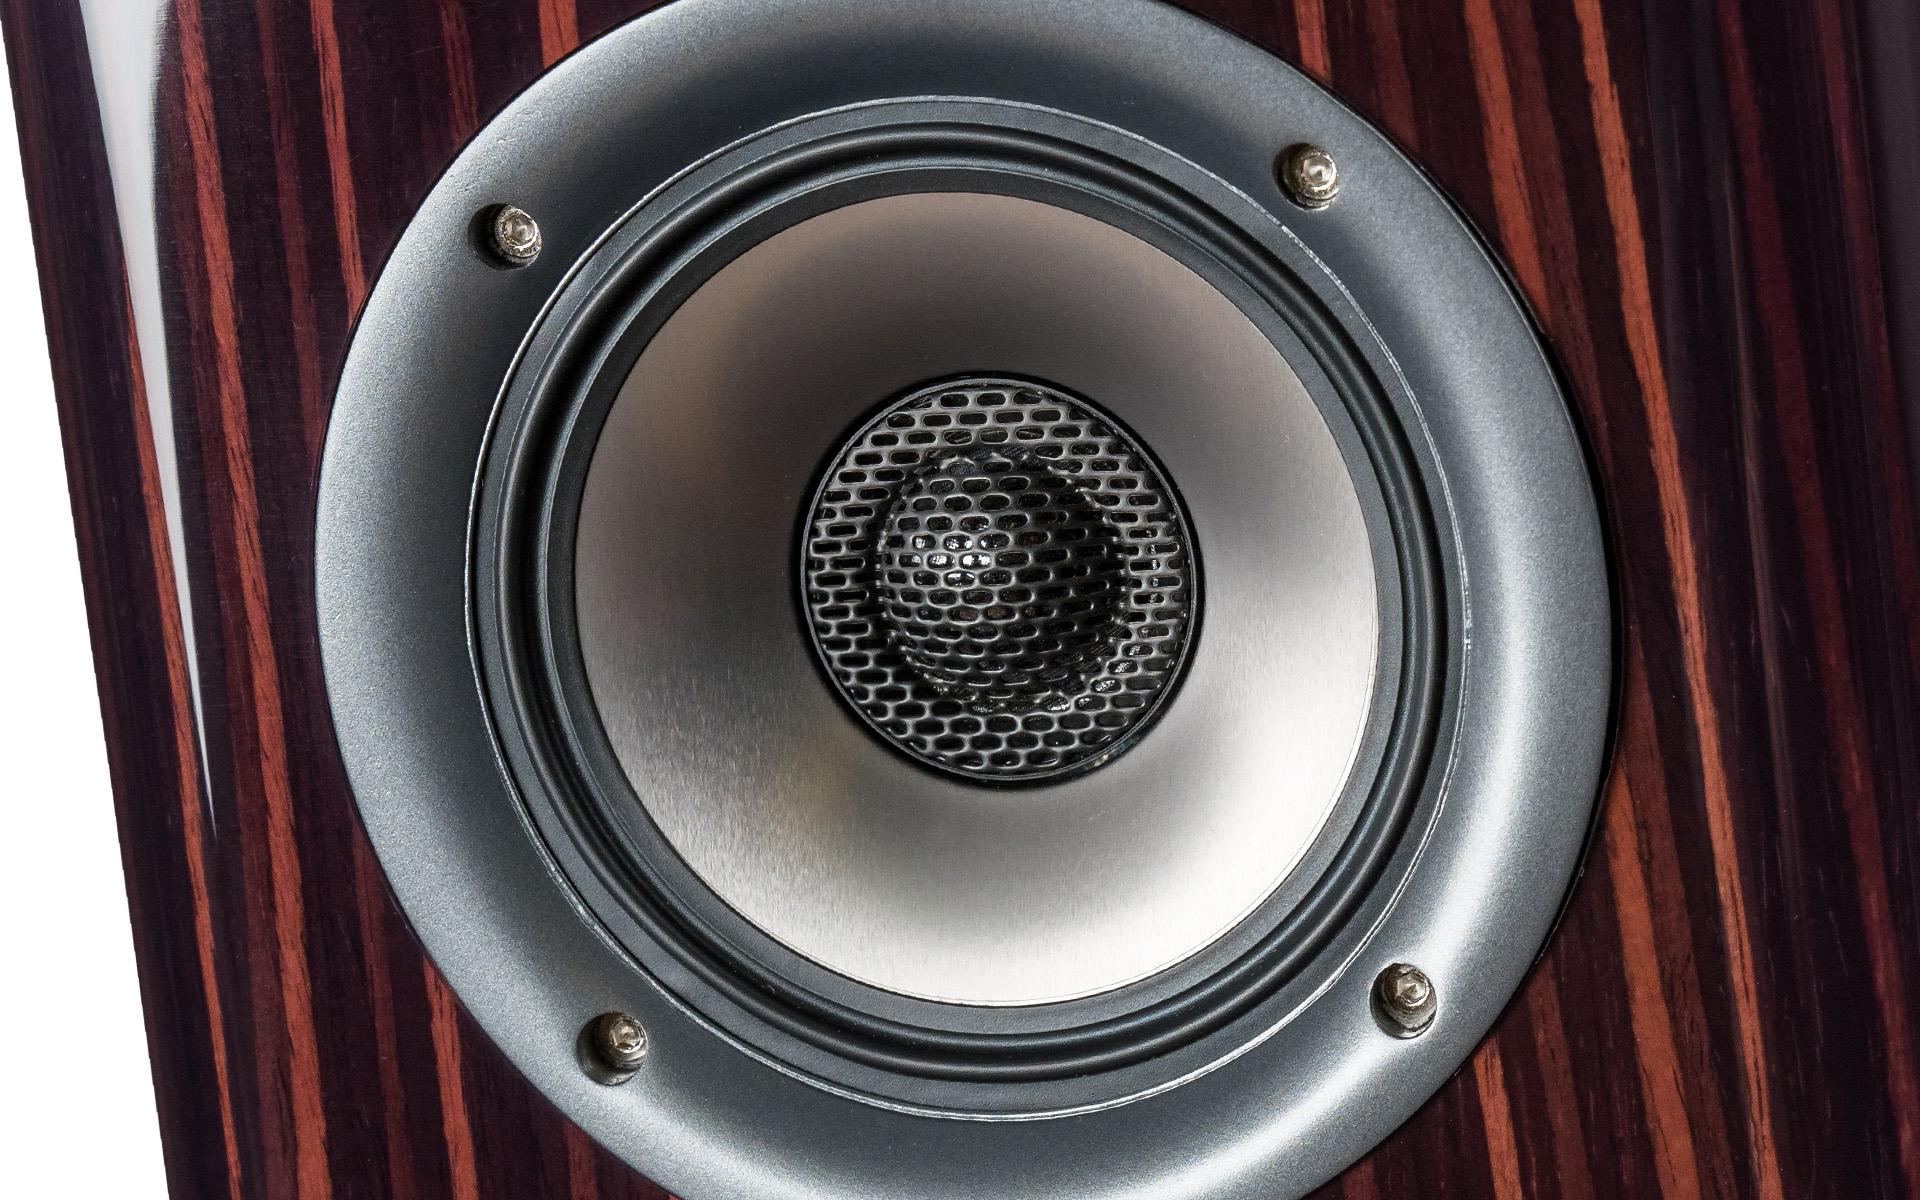 Полочники ELAC Navis ARB-51 – колонки для предельно требовательных слушателей